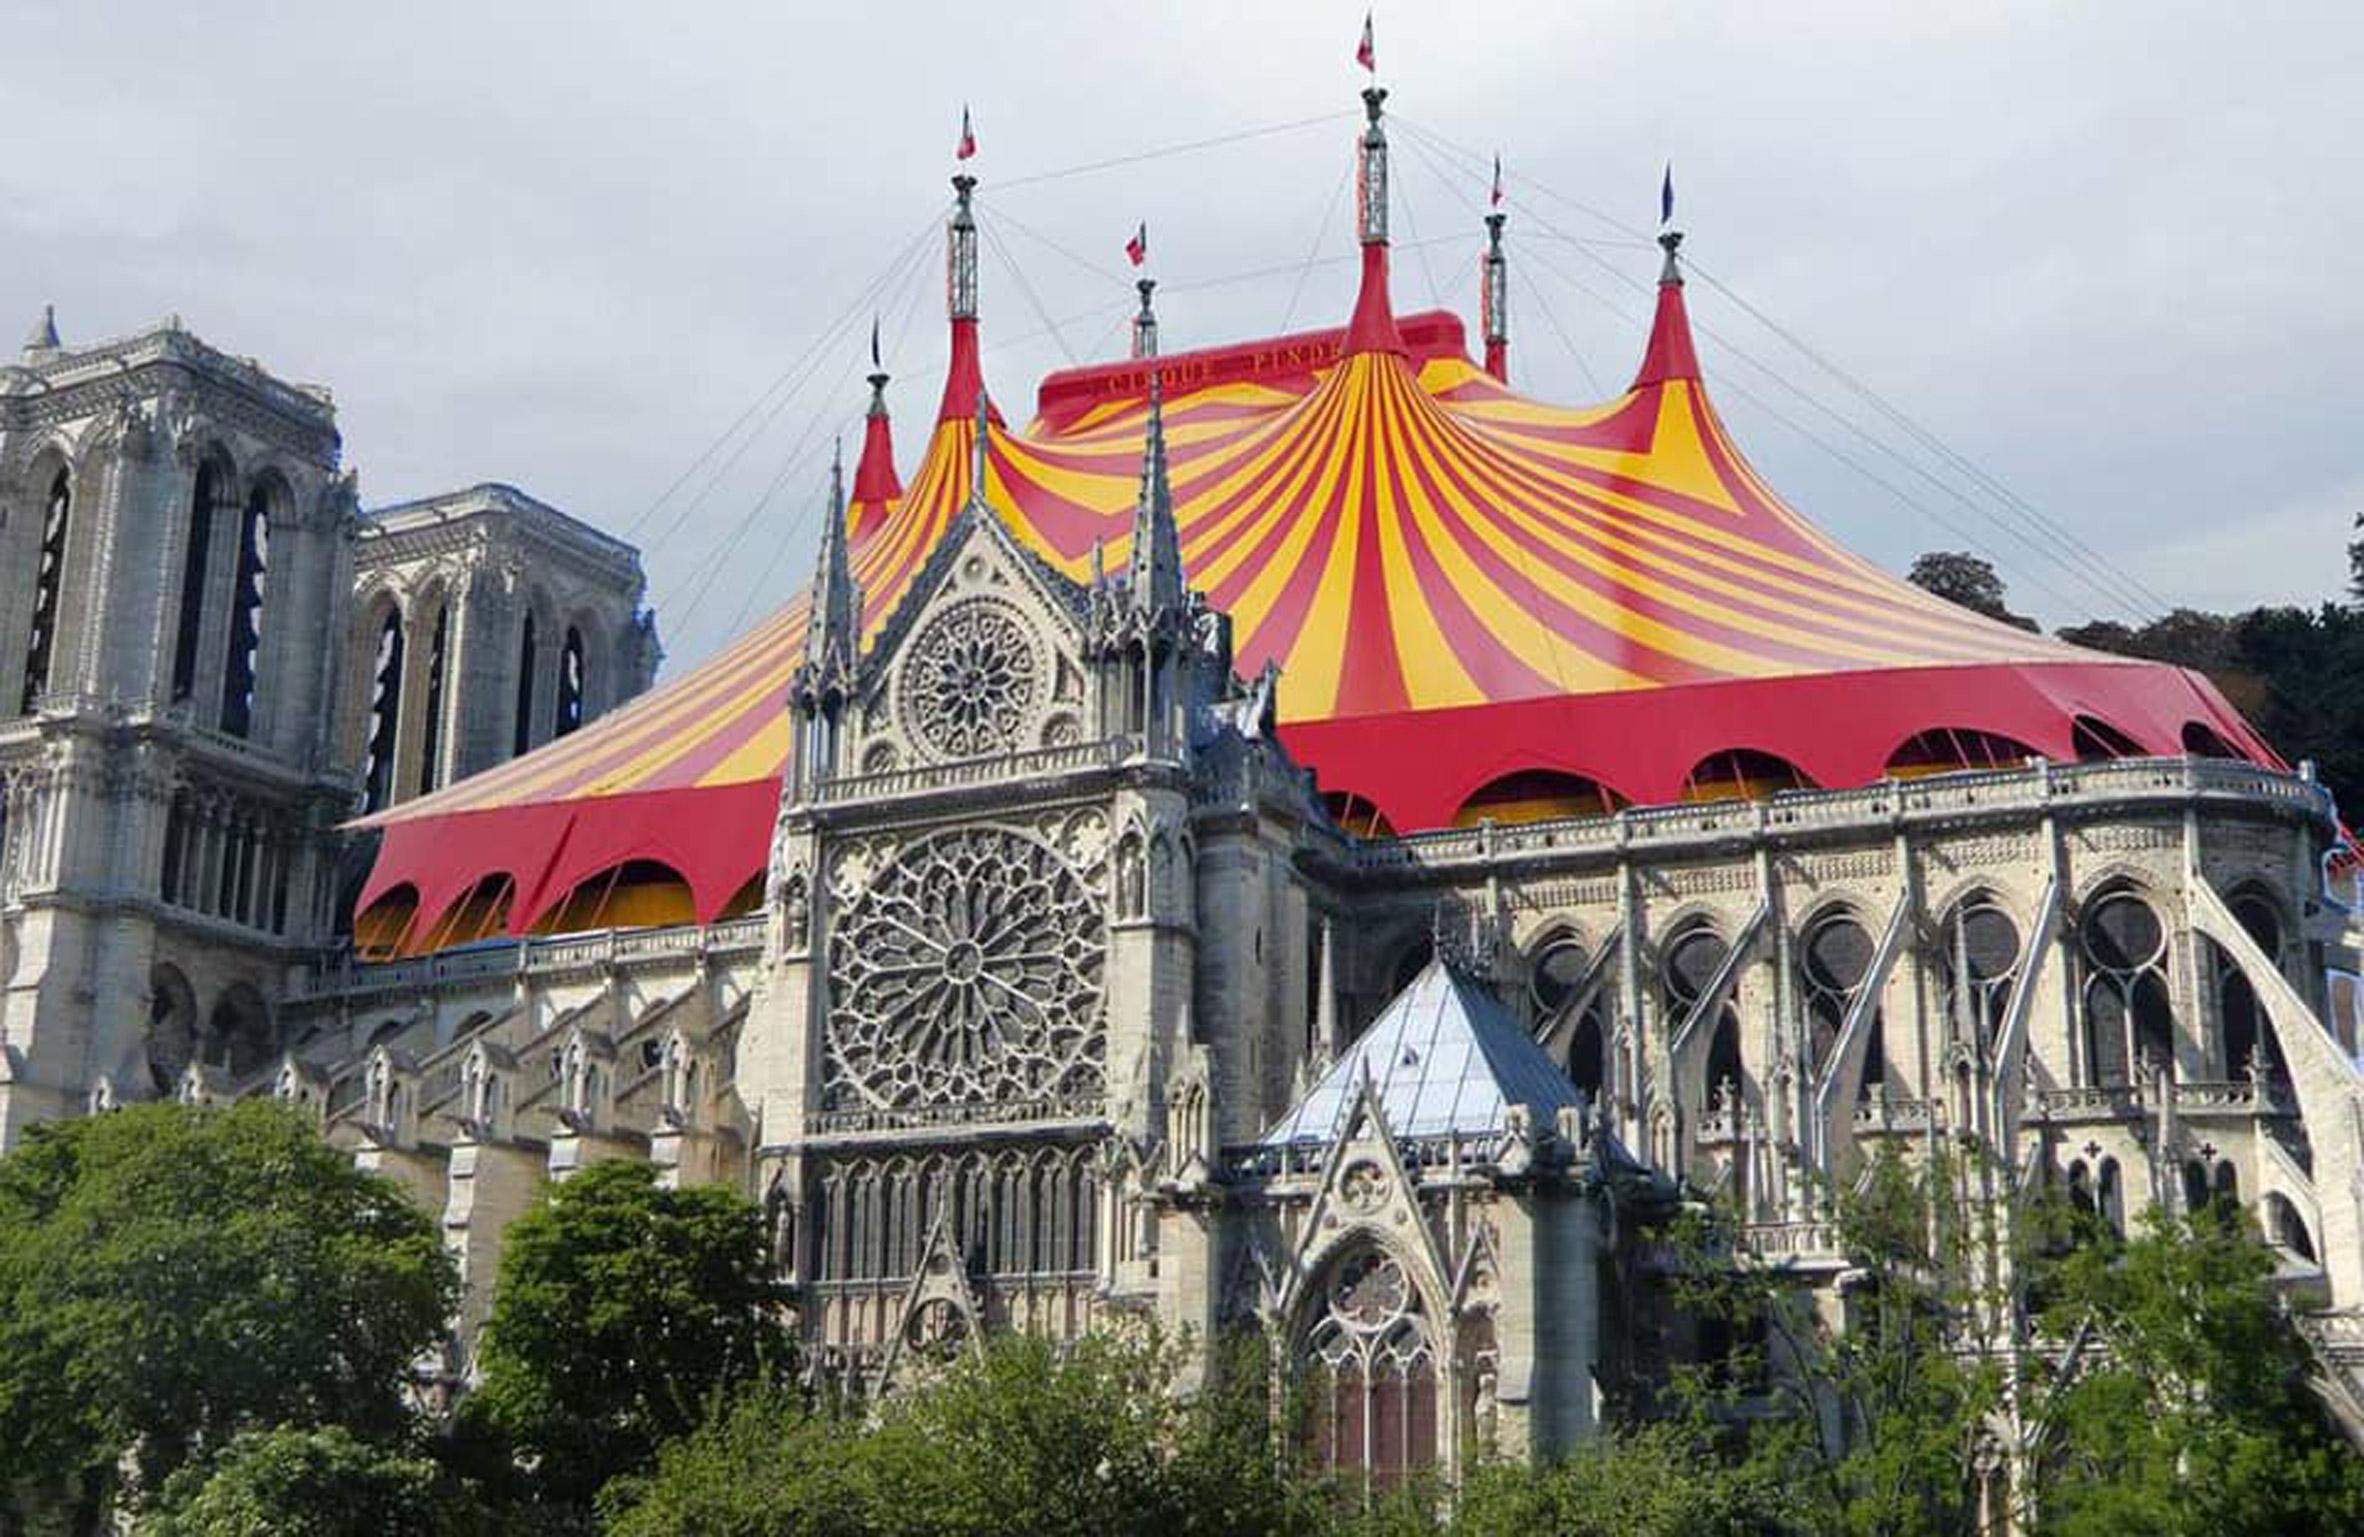 La tenda di un circo / Bored Panda